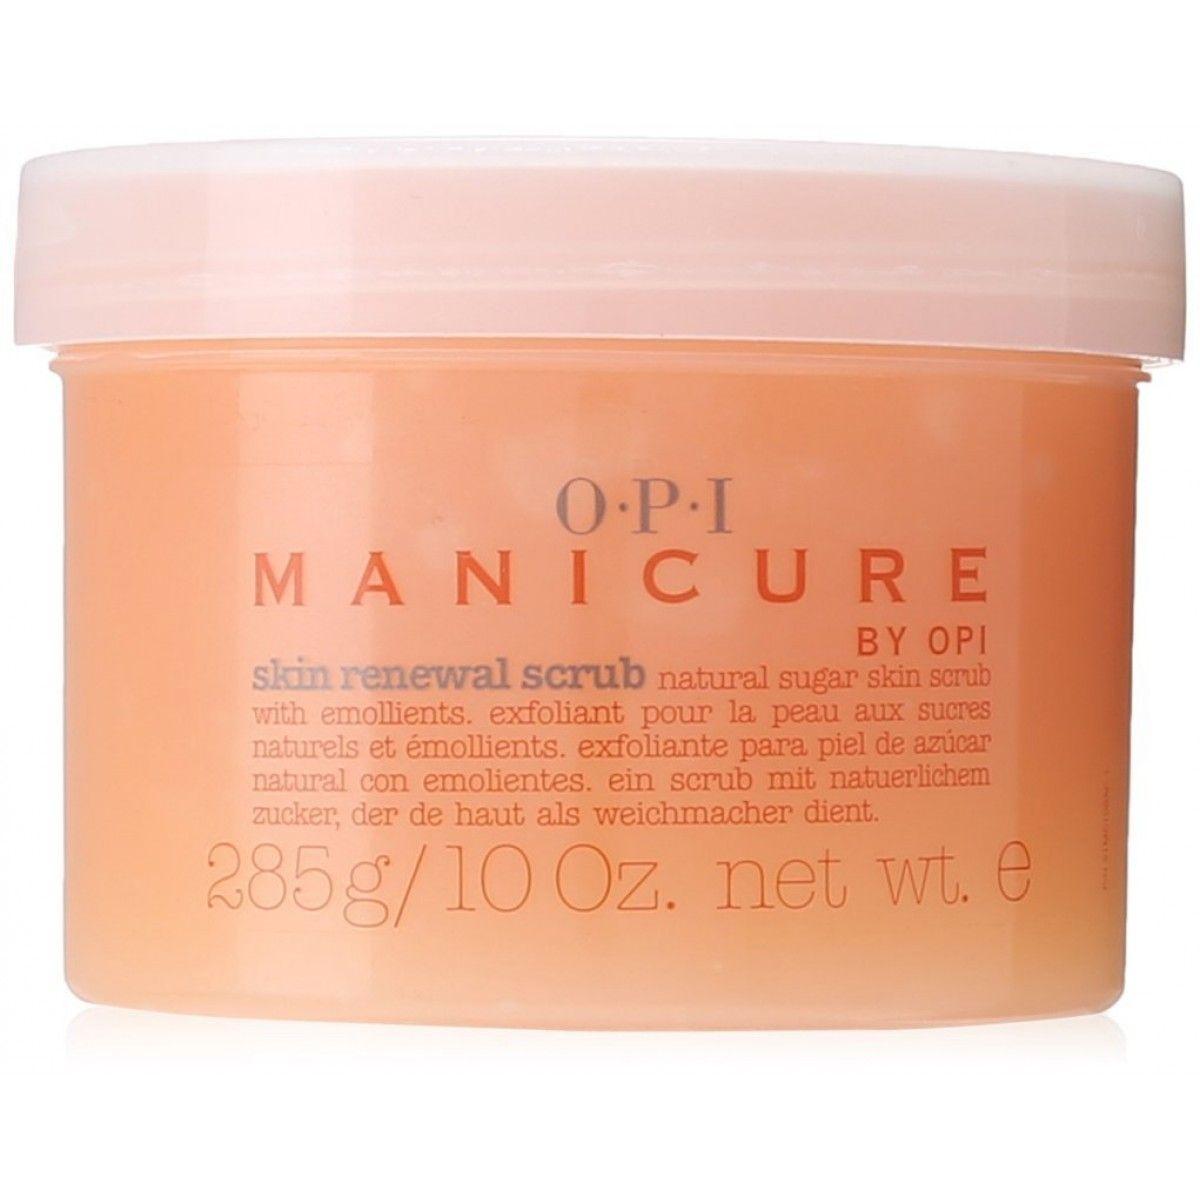 OPI Скраб для рук Manicure Skin Renewal Scrub, 85 грMC102Натуральные, растворимые в воде сахарные кристаллы бережно очищают кожу от старых клеток эпидермиса, делая ее гладкой и светлой. Глубоко проникающие в кожу рук натуральные альфа-оксикислоты (АНА) ускоряют процесс обновления клеток, в результате чего кожа рук омолаживается.